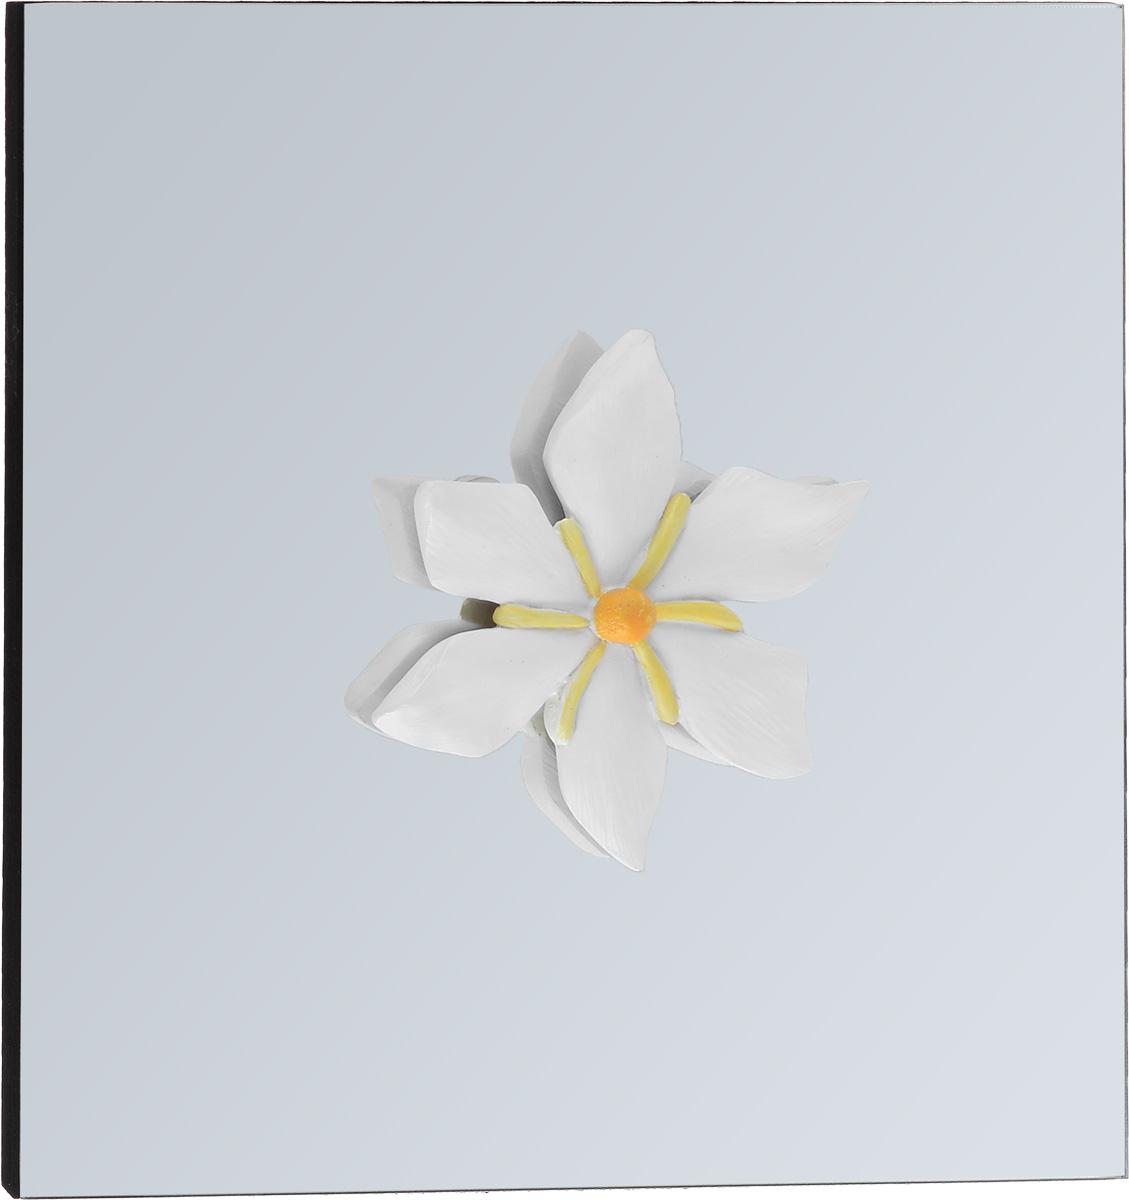 Украшение декоративное Феникс-Презент Нежный цветок, настенное, 24 x 24 x 3 см44070Настенное украшение Феникс-Презент Нежный цветок изготовлено из основы МДФ и зеркального стекла, декоративный элемент выполнен из полирезина в виде цветка. Для удобства размещения изделие оснащено металлической петелькой для подвешивания. Такое украшение не только подчеркнет ваш изысканный вкус, но и станет прекрасным подарком, который обязательно порадует получателя.